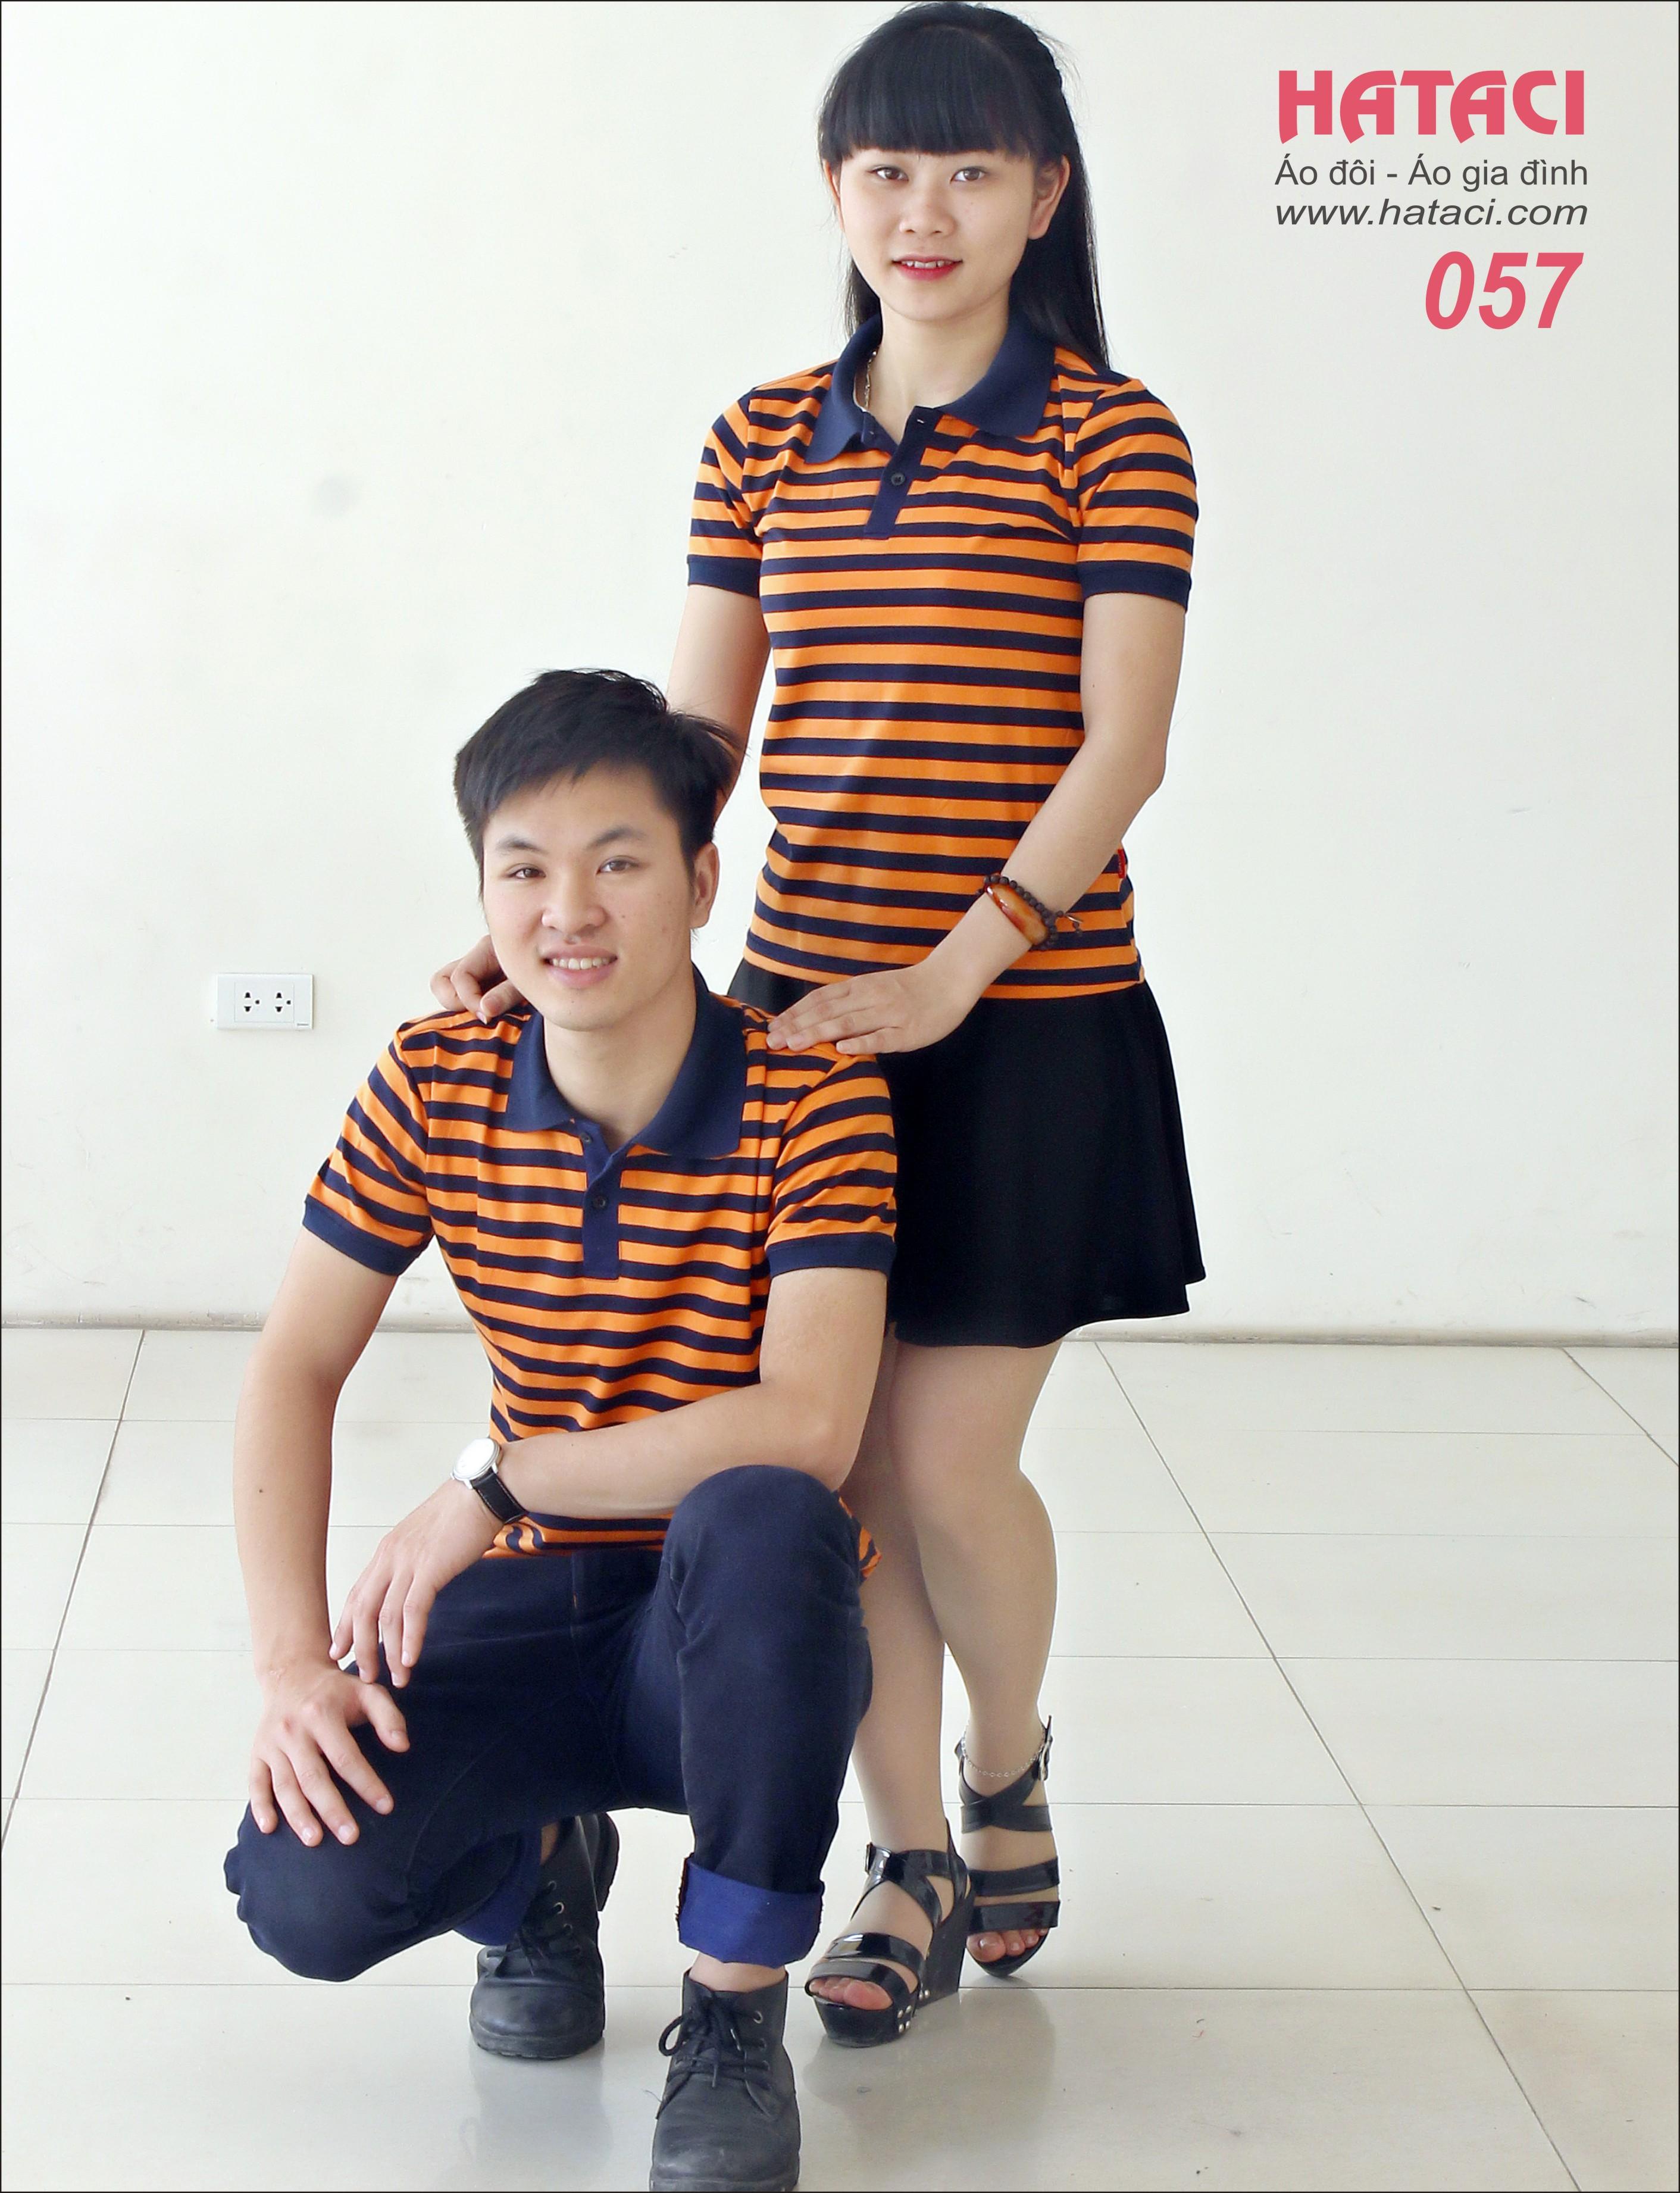 14 Mua áo đôi cửa hàng Hataci 191 Bạch Mai , Hà Nội